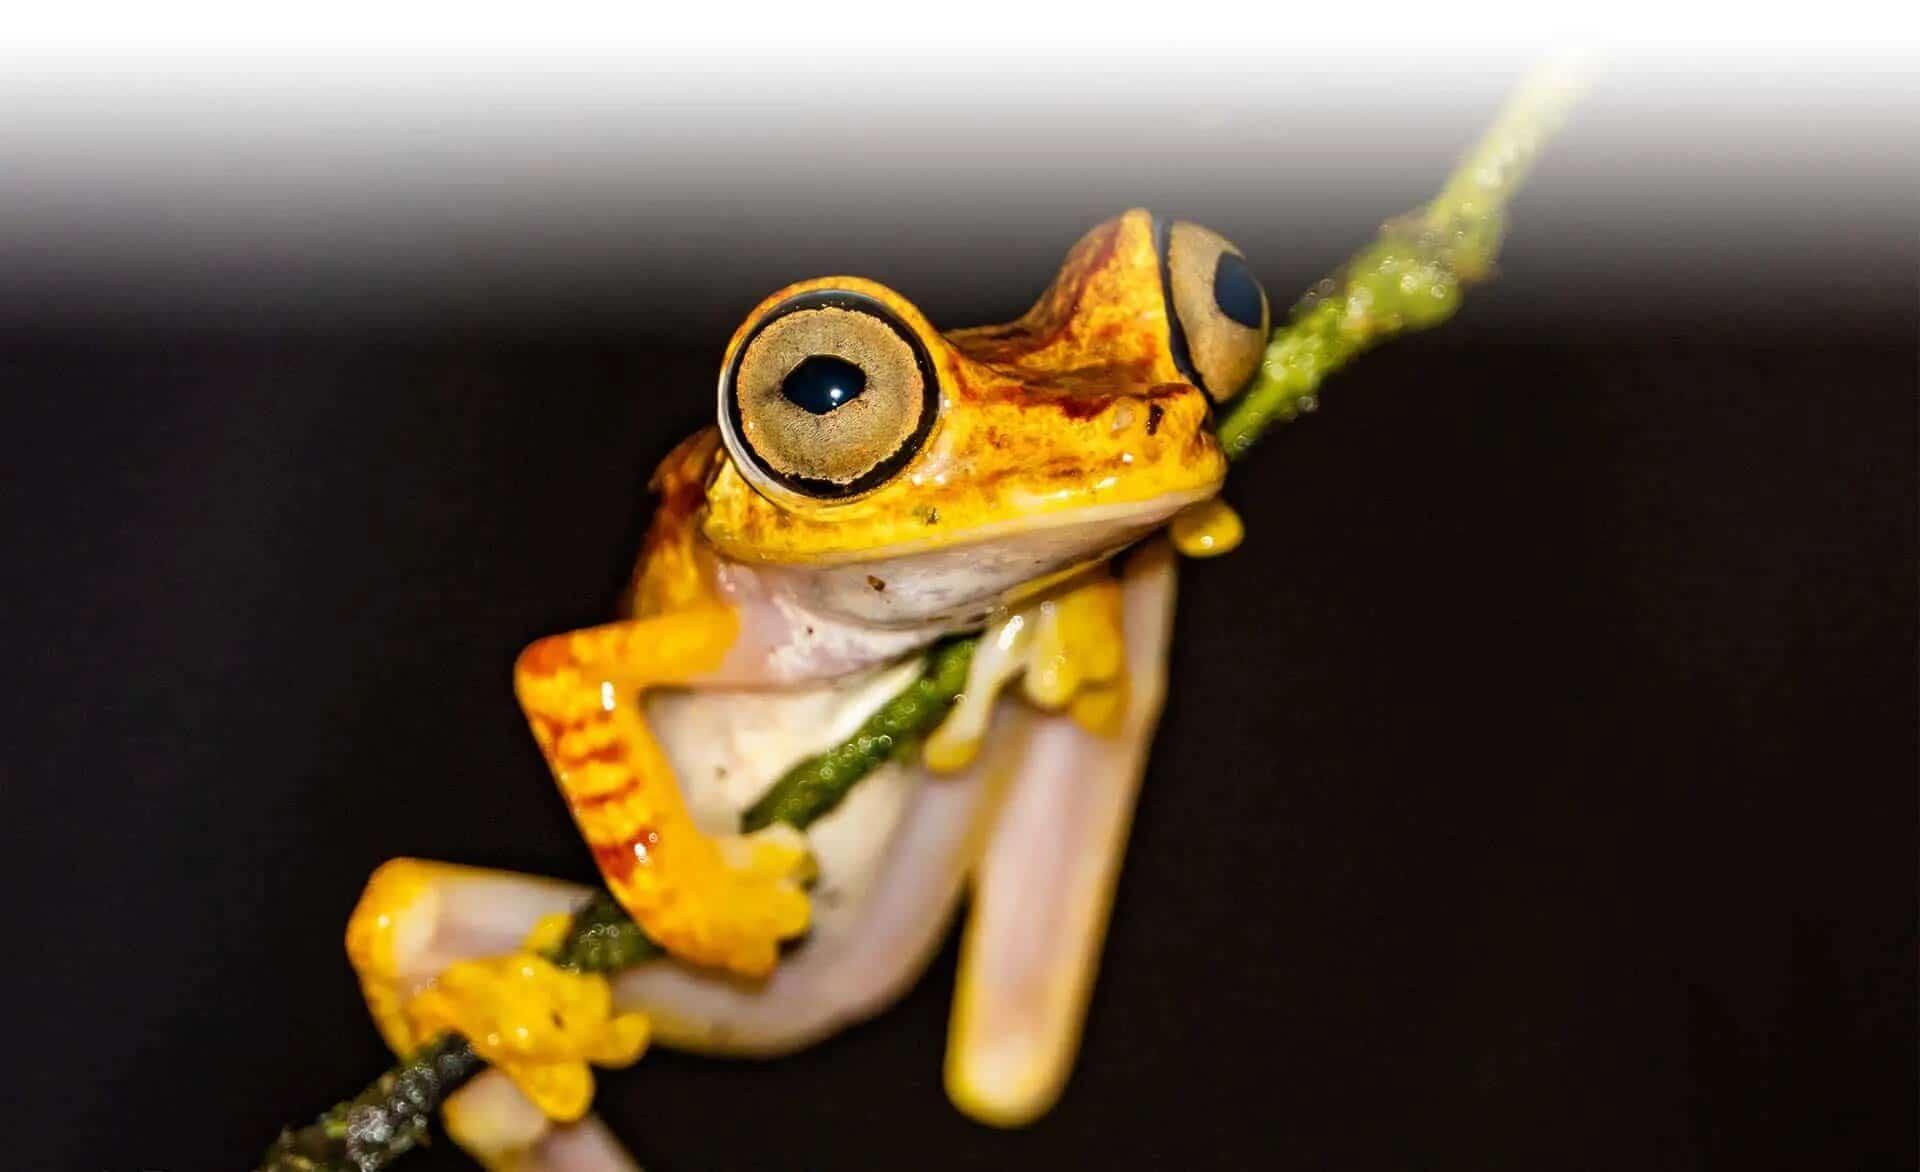 ecuador rainforest frog